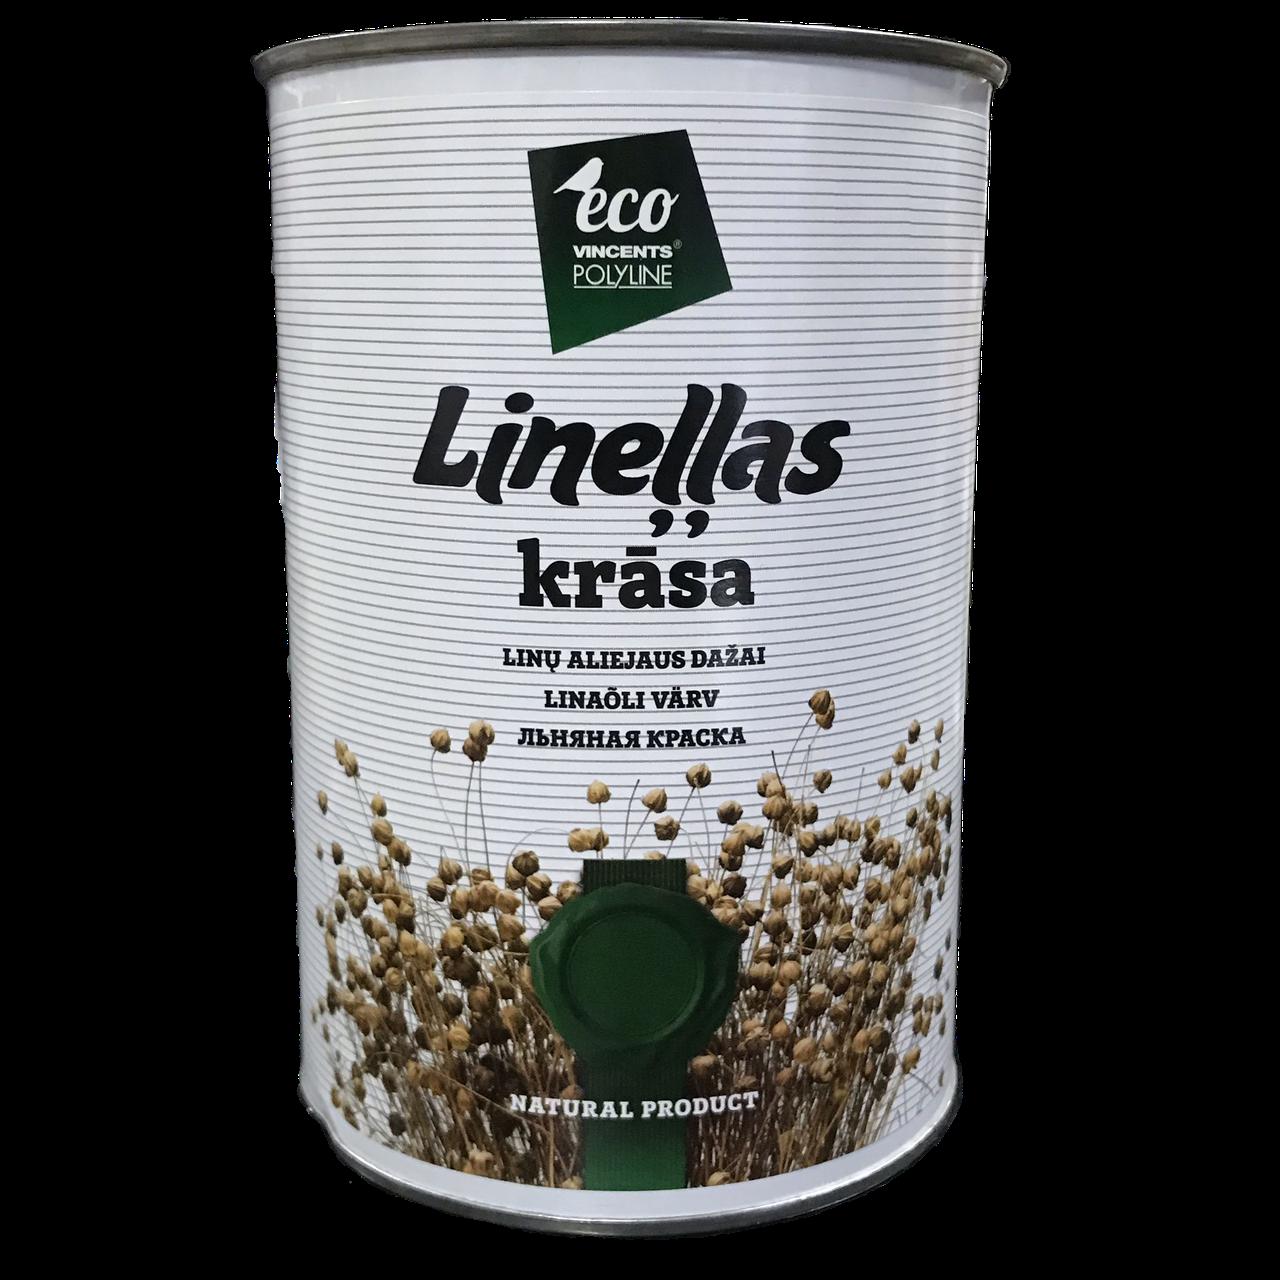 Фарба на основі лляної олії Vincents Polyline Linellas krasa 1л Капучіно